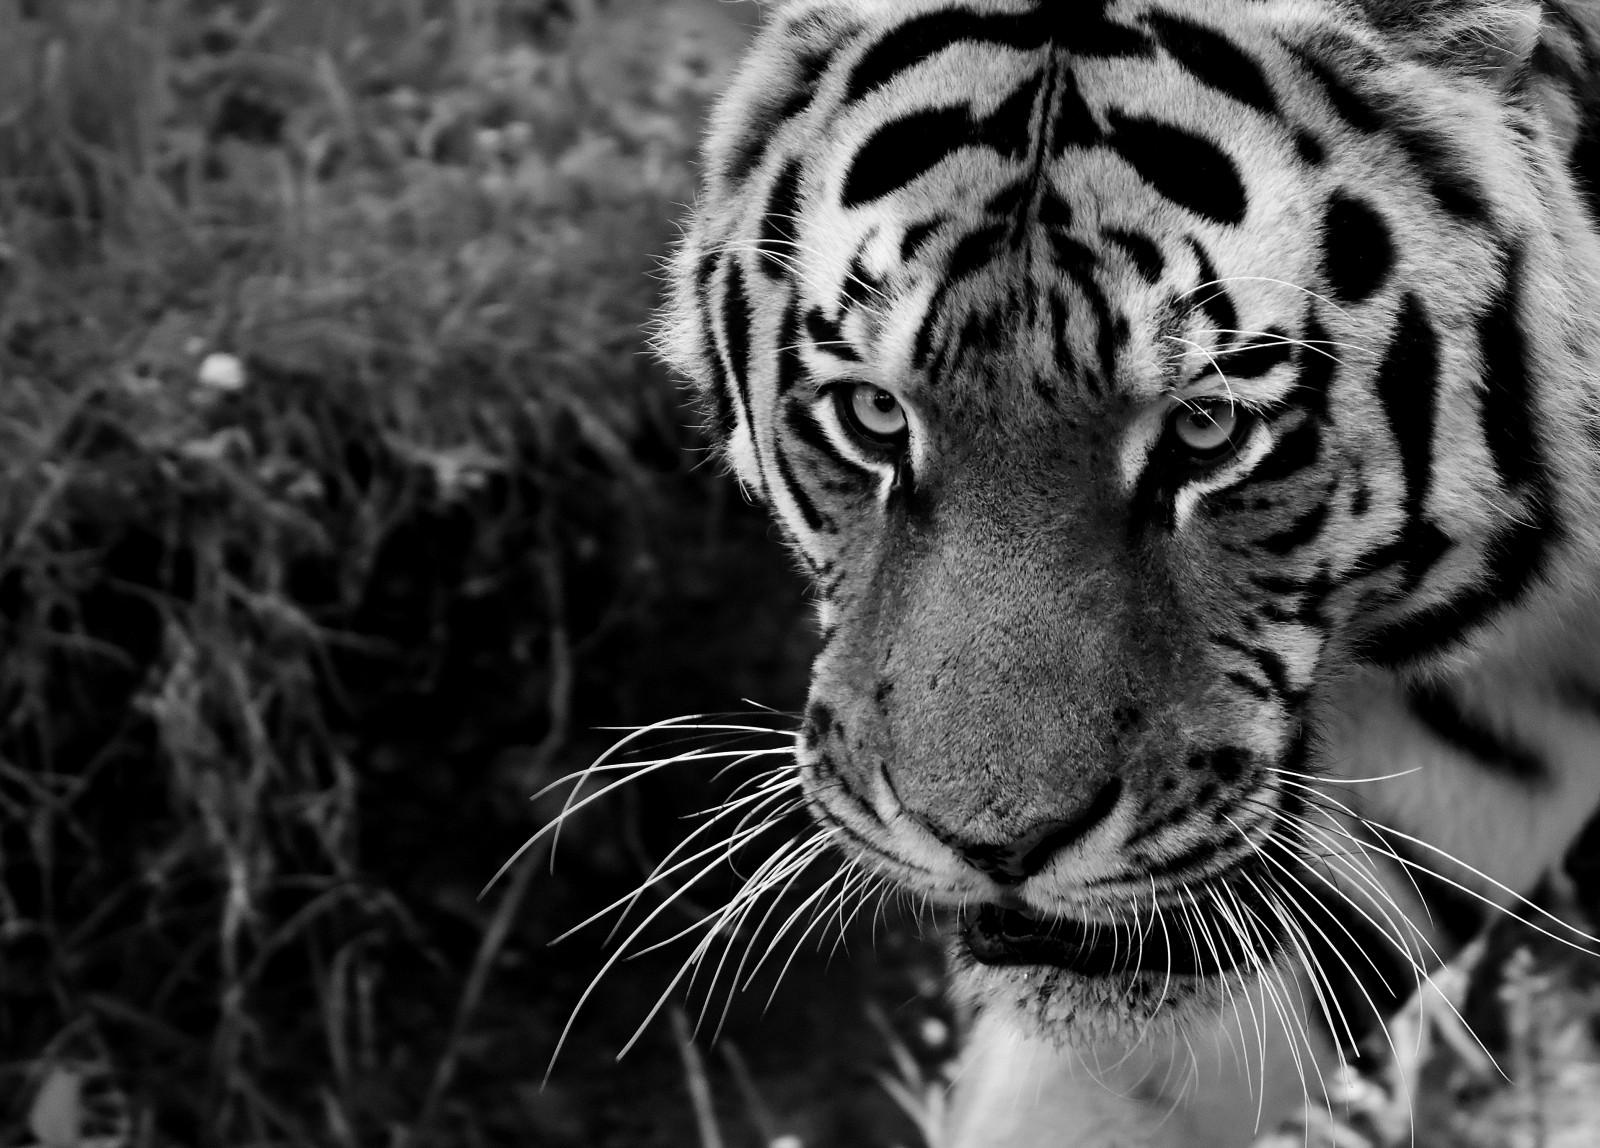 картинки на телефон черно белые тигр делятся животных-охотников